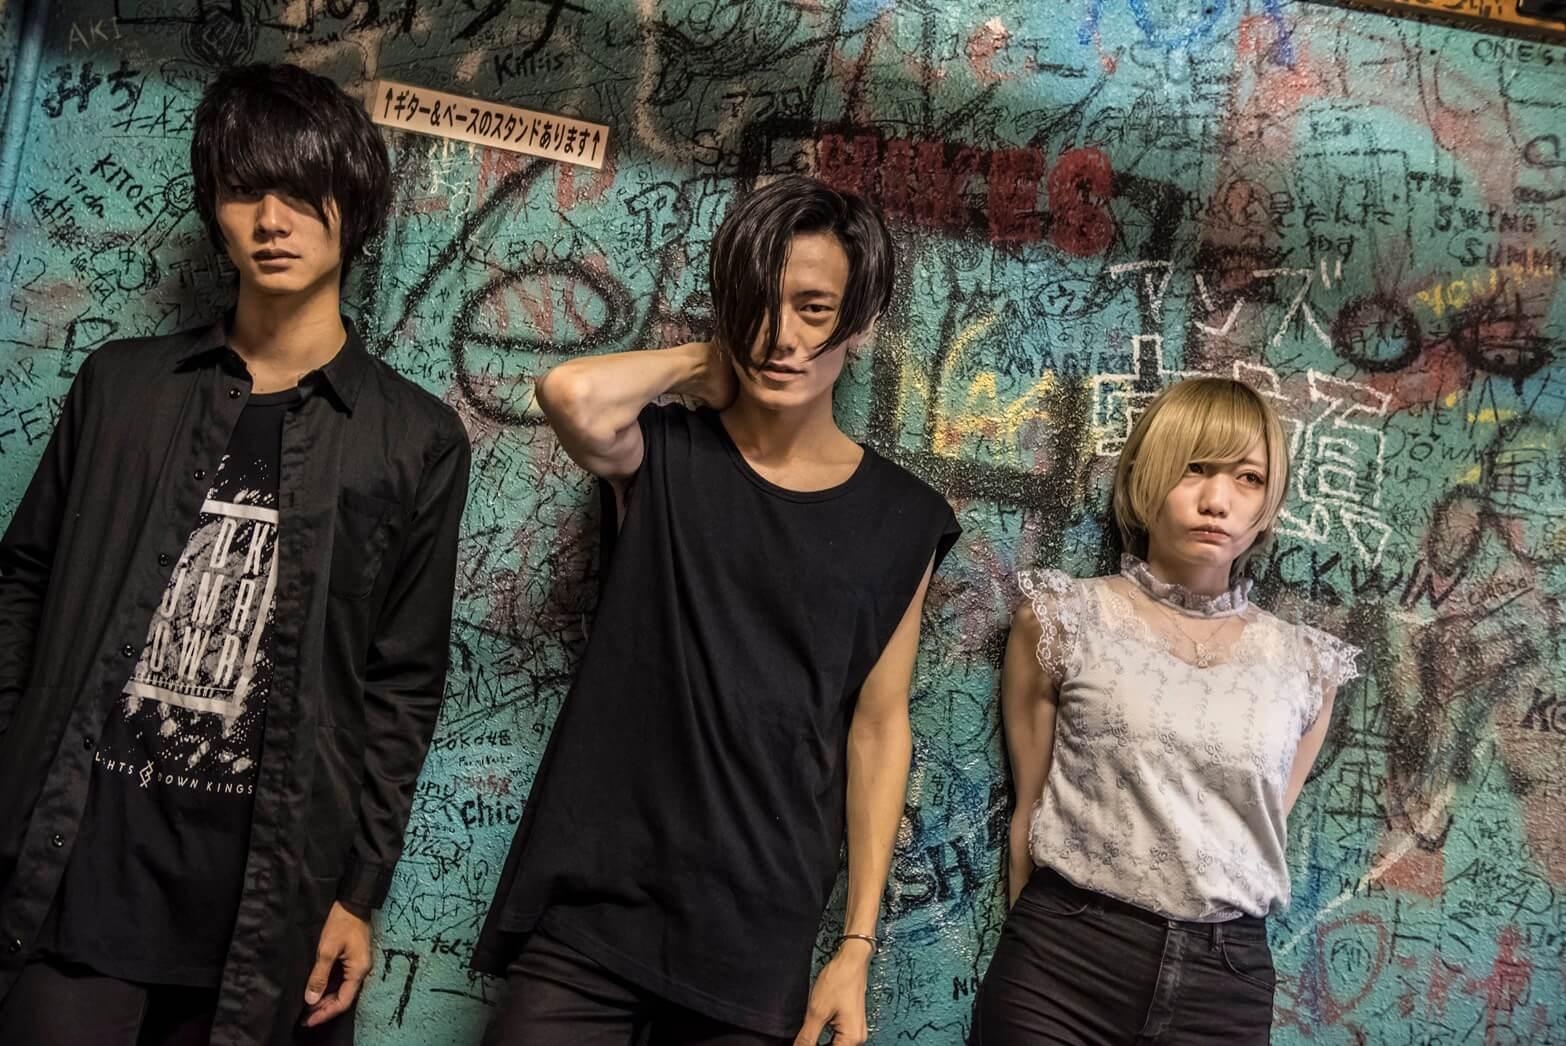 名古屋発THREEOUT、約1年ぶりミニアルバムのリリースを発表!新アートワークも解禁!サムネイル画像